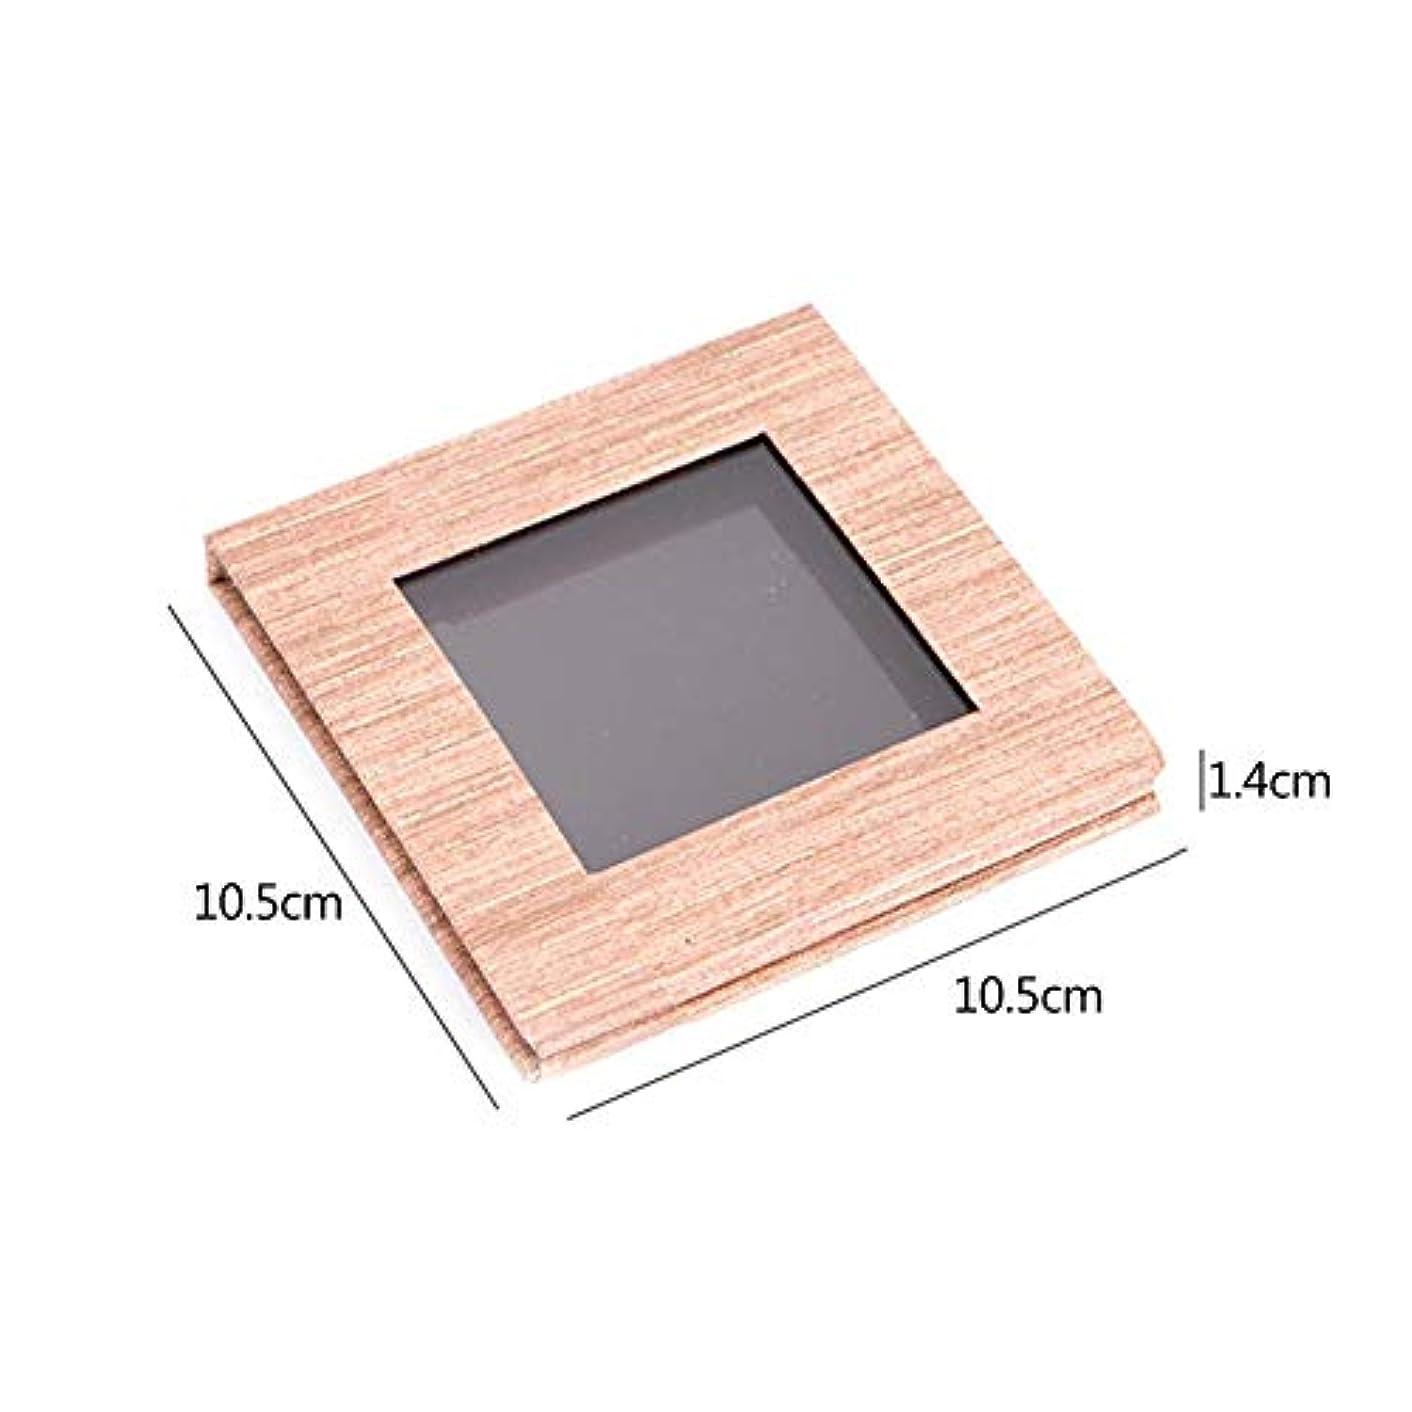 タービンシンボルアクティブアイシャドウの口紅のための木の穀物の磁気パレットDIYの取り替え可能な構造パレット